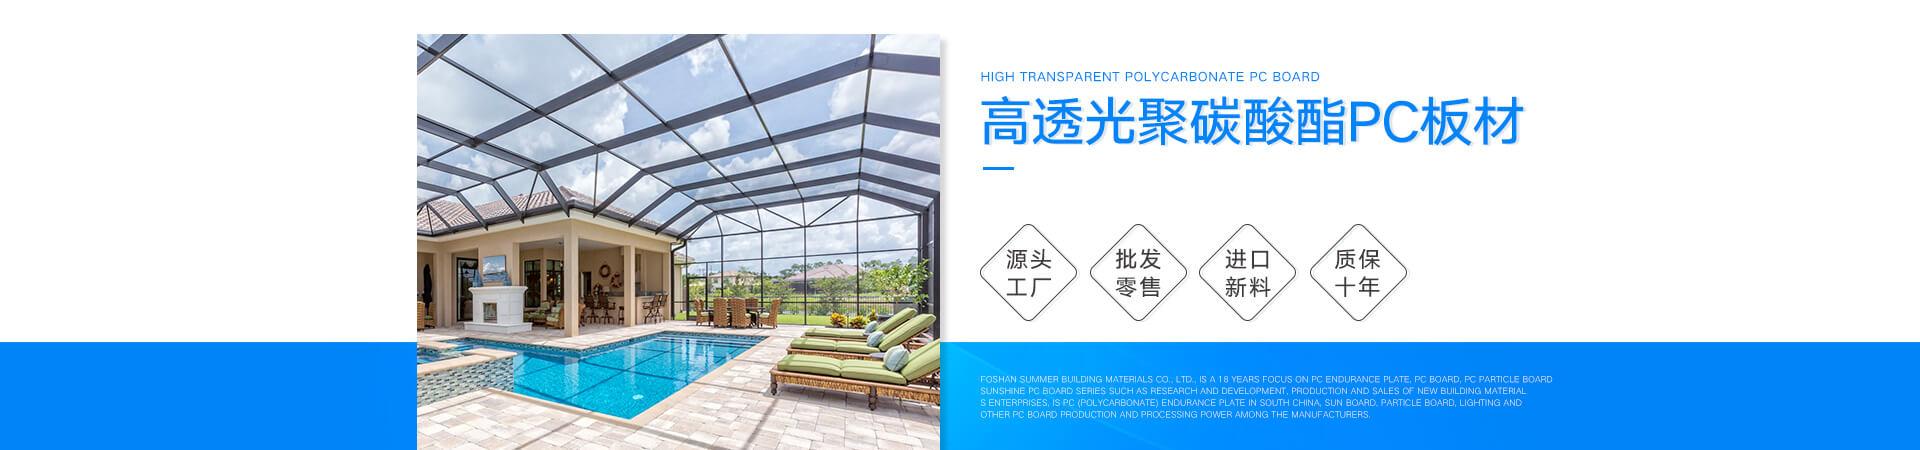 阳光板价格_耐力板批发_透明PC板厂家[松夏建材]广东正宗PC板厂家